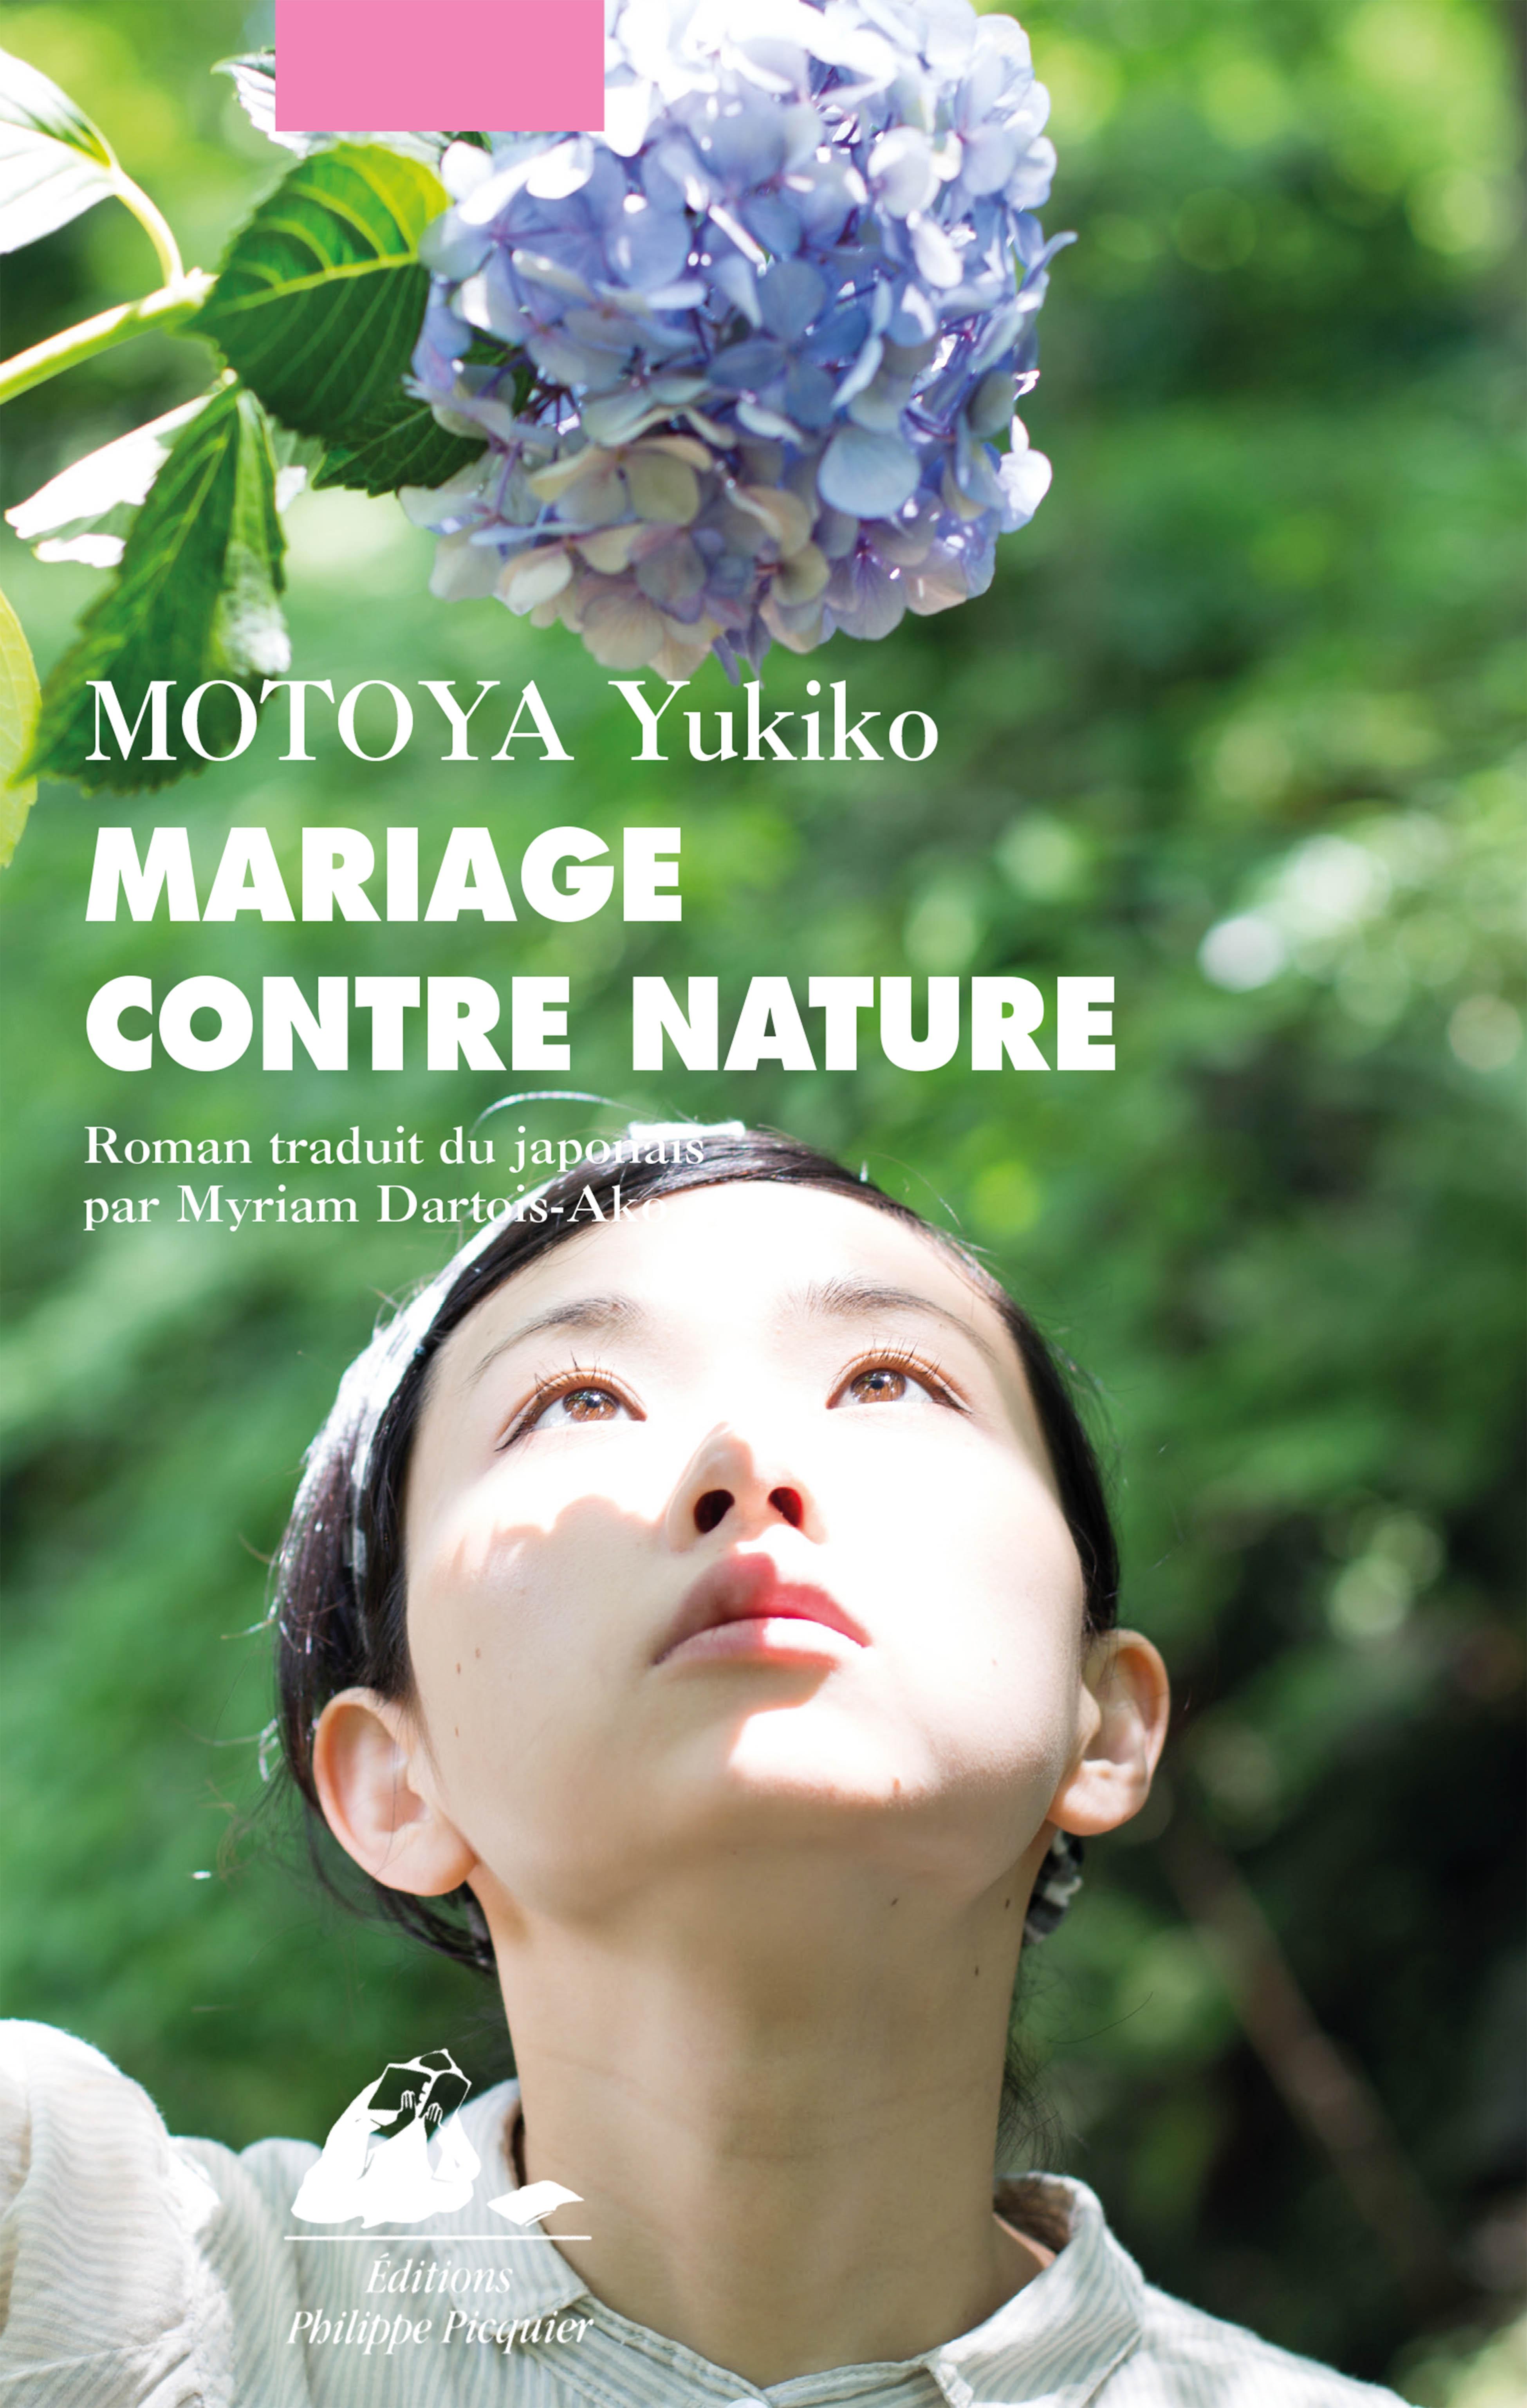 Mariage contre nature | MOTOYA, Yukiko